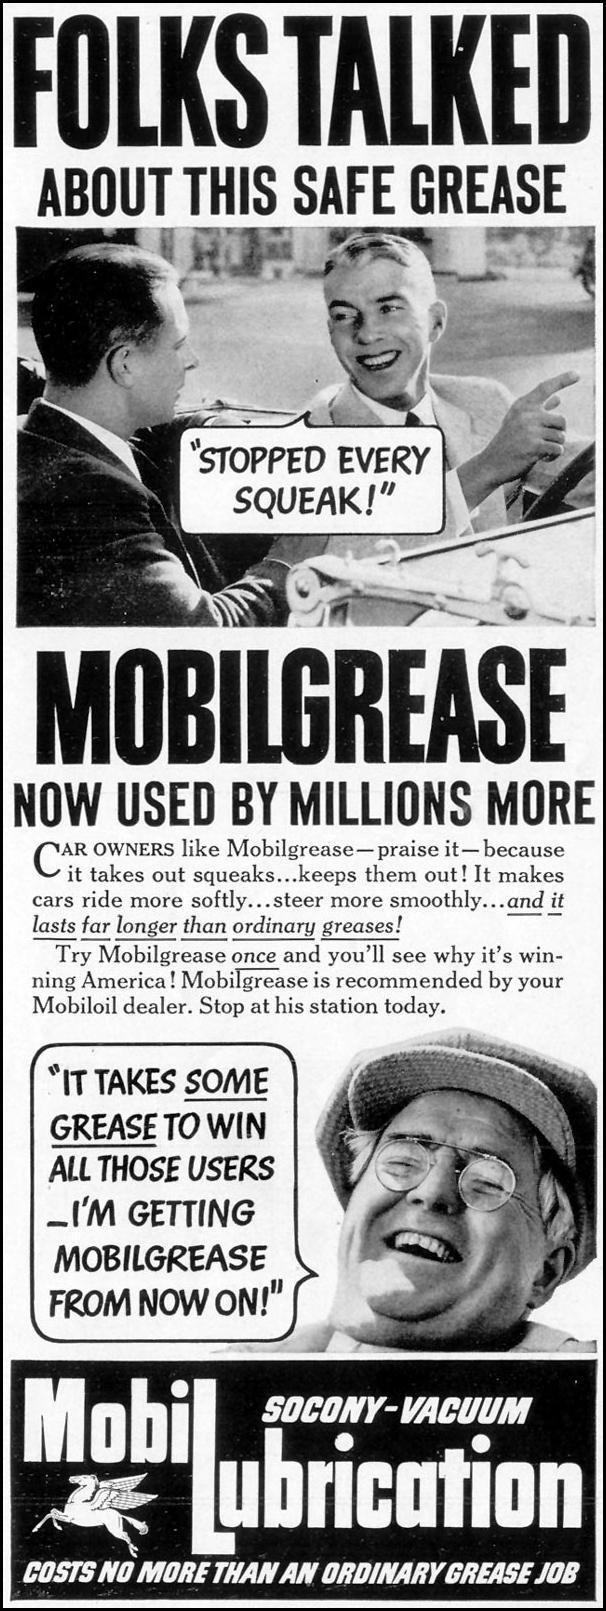 MOBILGREASE LIFE 07/18/1938 p. 7